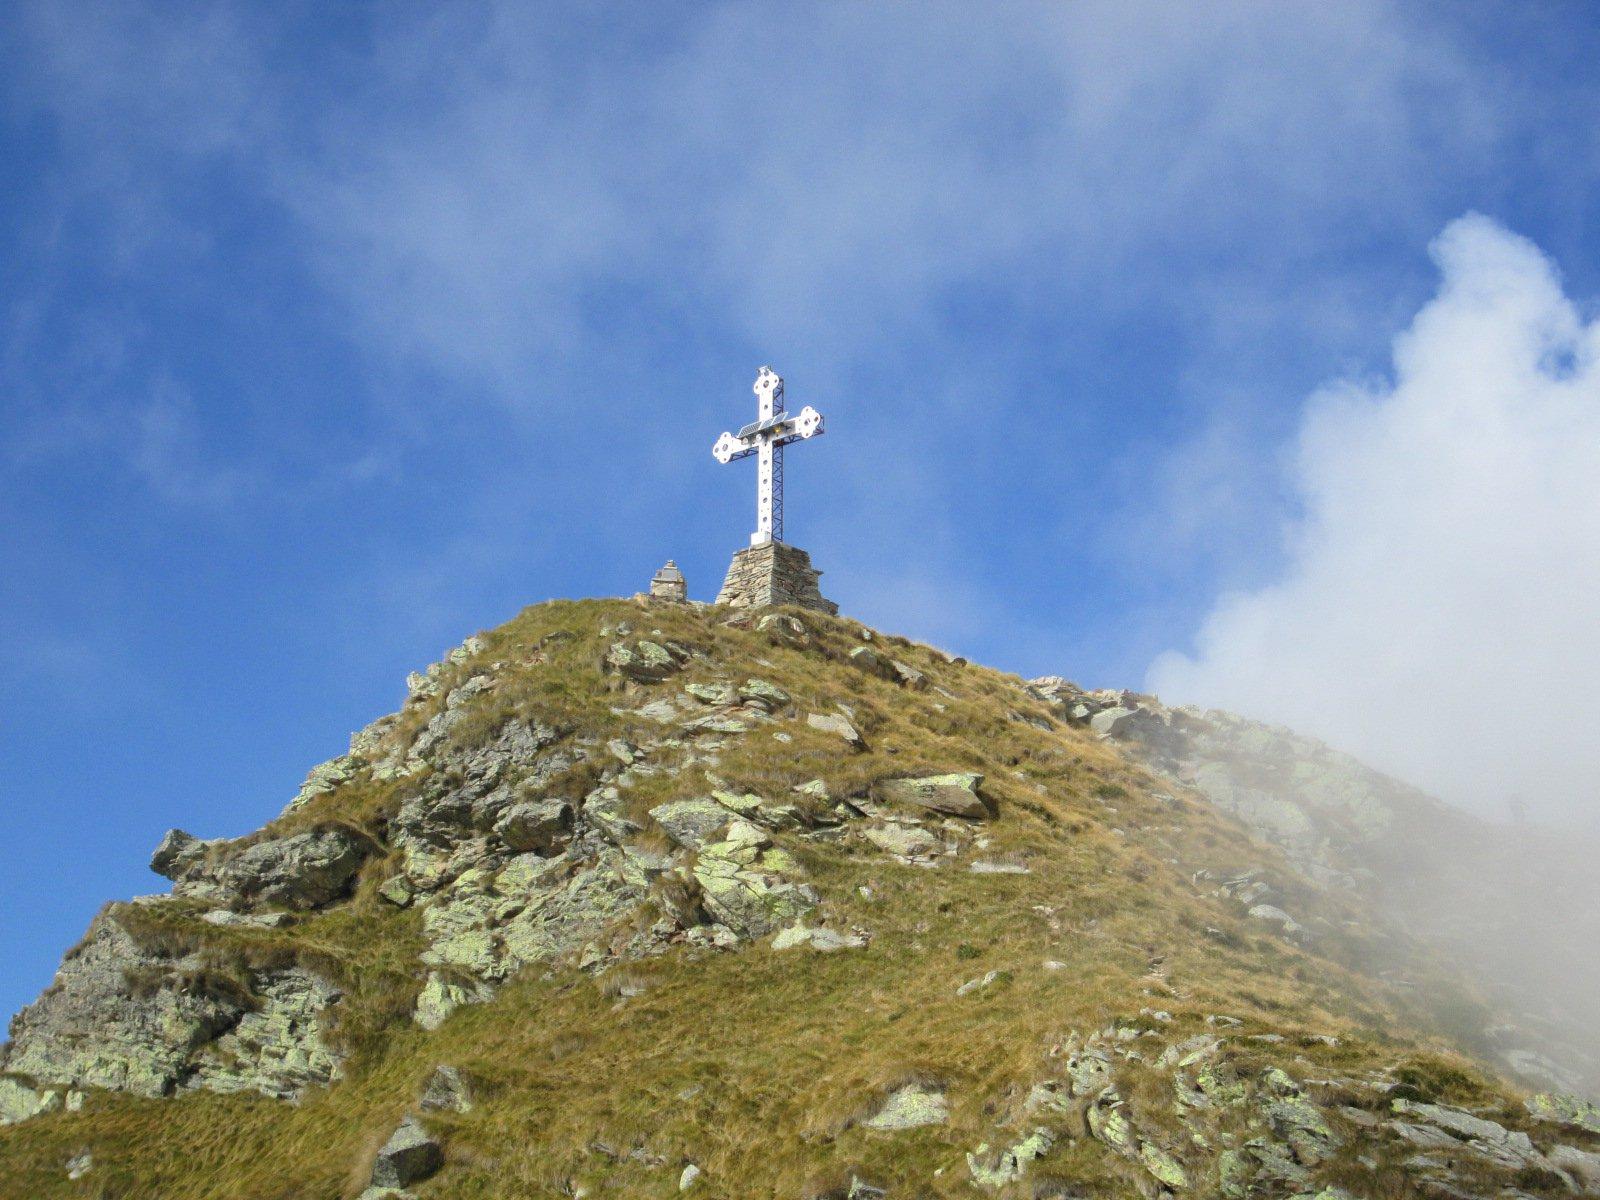 la croce sull'anticima